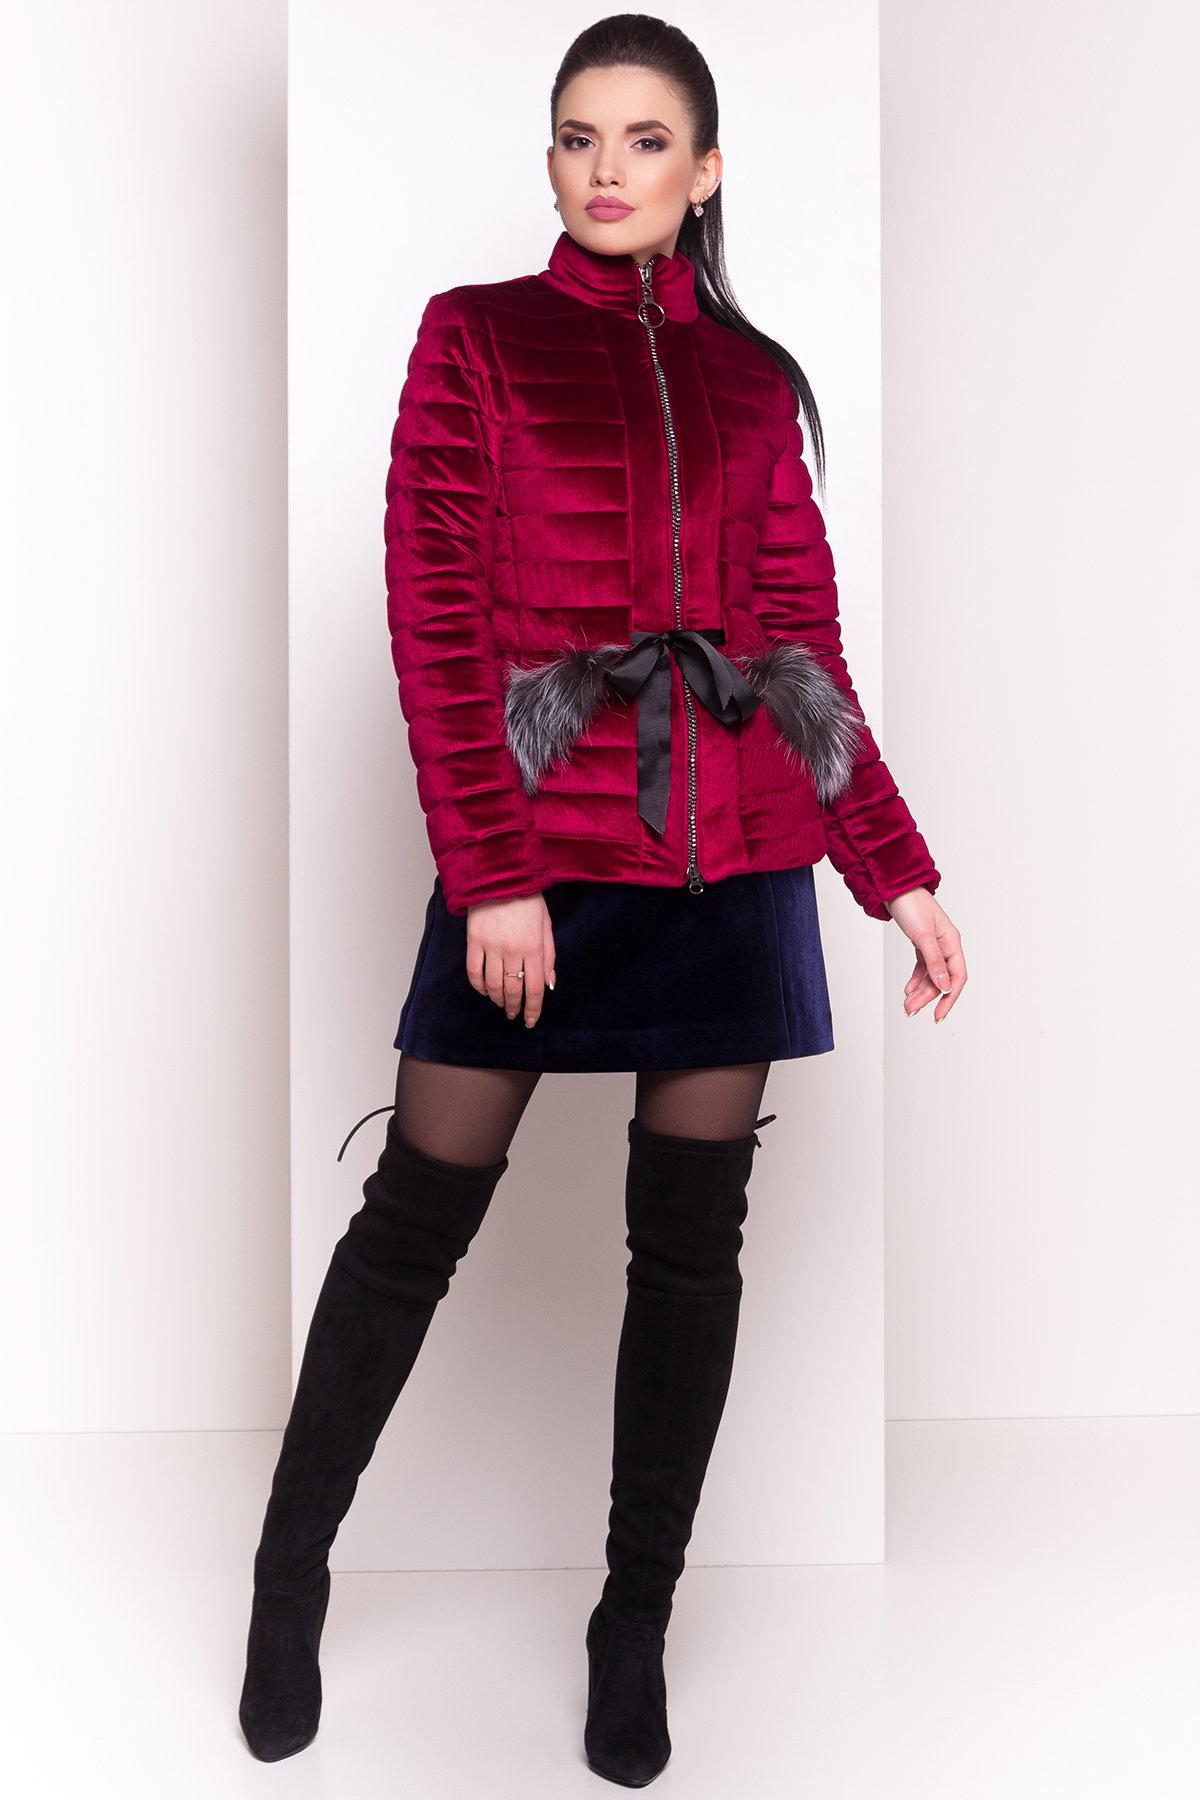 Куртка с мехом на карманах Дезире 4452 АРТ. 21637 Цвет: Марсала - фото 6, интернет магазин tm-modus.ru